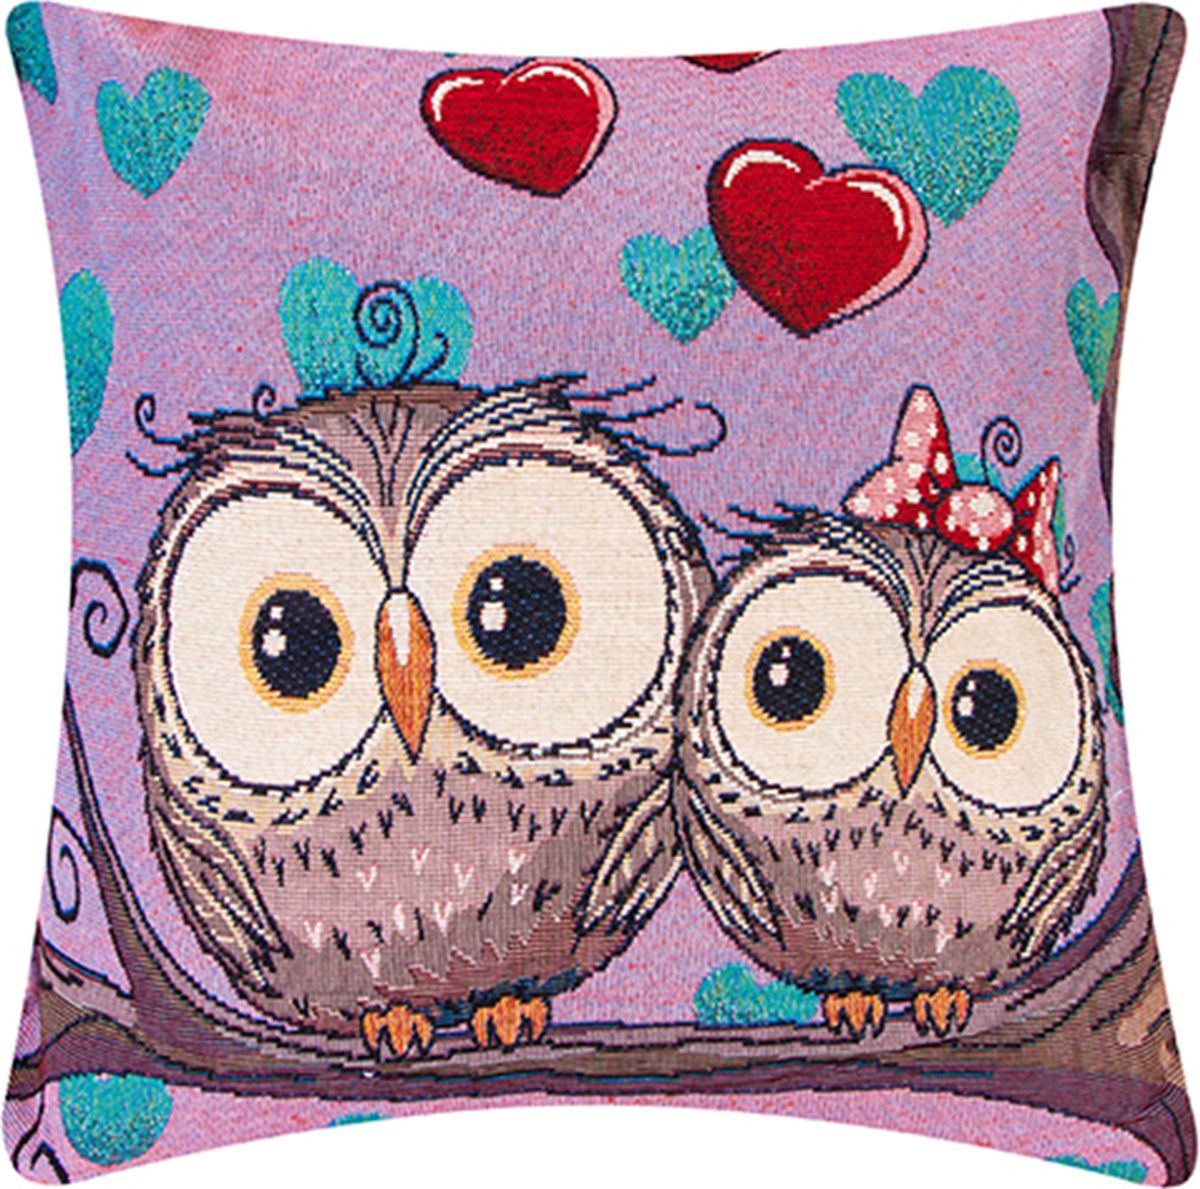 Подушка декоративная EL Casa Влюбленные совы, цвет: розовый, 43 x 43 см. 171683171683Декоративная подушка прекрасно дополнит интерьер спальни или гостиной. Состав наволочки: лен -50%, полиэстер-50%. Она легко снимается, благодаря молнии. Внутри подушки находится мягкий наполнитель.